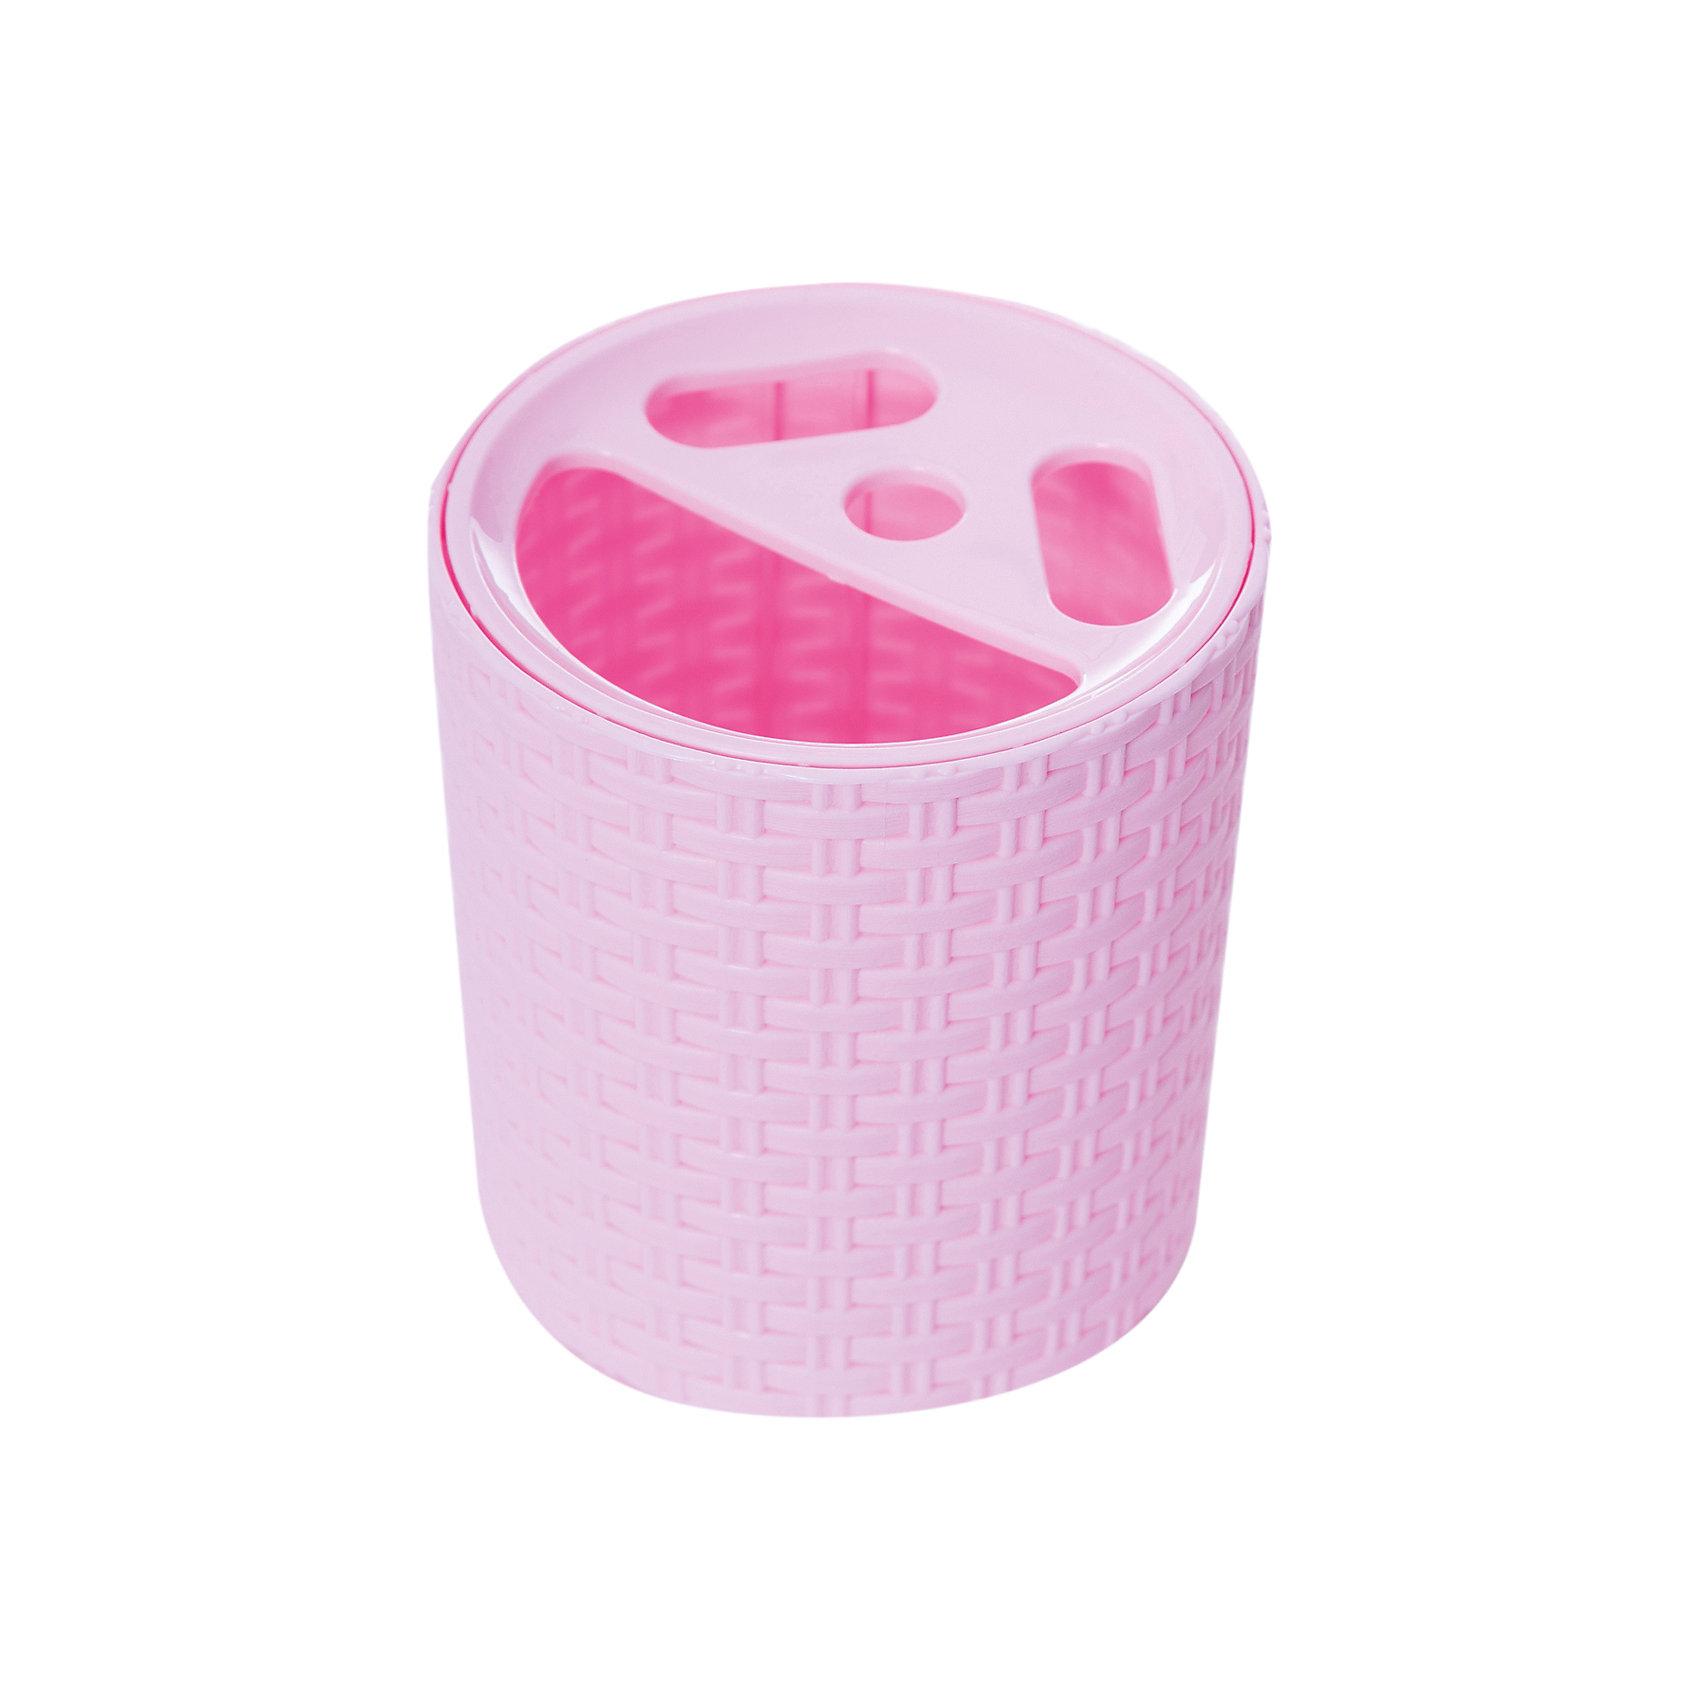 Подставка Плетёнка для зубных щёток , Alternativa, розовыйХарактеристики:<br><br>• Предназначение: для хранения зубных щеток и зубной пасты<br>• Материал: пластик<br>• Цвет: розовый<br>• Размер (Д*Ш*В): 10*10*12,3 см<br>• Форма: круглая<br>• Особенности ухода: разрешается мыть теплой водой<br><br>Подставка Плетёнка для зубных щеток, Alternativa, розовый изготовлена отечественным производителем ООО ЗПИ Альтернатива, который специализируется на выпуске широкого спектра изделий из пластика. Изделие выполнено из безопасного и прочного пластика, устойчивого к механическим повреждениям. Подставка имеет форму стаканчика, в ней предусмотрено 3 отверстия для зубных щеток и 1 для хранения зубной пасты. Стаканчик выполнен в розовом цвете, оформлен декором, имитирующим плетение из лозы. Подставка Плетёнка для зубных щеток, Alternativa, розовый обеспечит порядок и сохранность зубных щеток в вашей ванной комнате.<br><br>Подставку Плетёнка для зубных щеток, Alternativa, розовую можно купить в нашем интернет-магазине.<br><br>Ширина мм: 110<br>Глубина мм: 110<br>Высота мм: 125<br>Вес г: 96<br>Возраст от месяцев: -2147483648<br>Возраст до месяцев: 2147483647<br>Пол: Женский<br>Возраст: Детский<br>SKU: 5096662